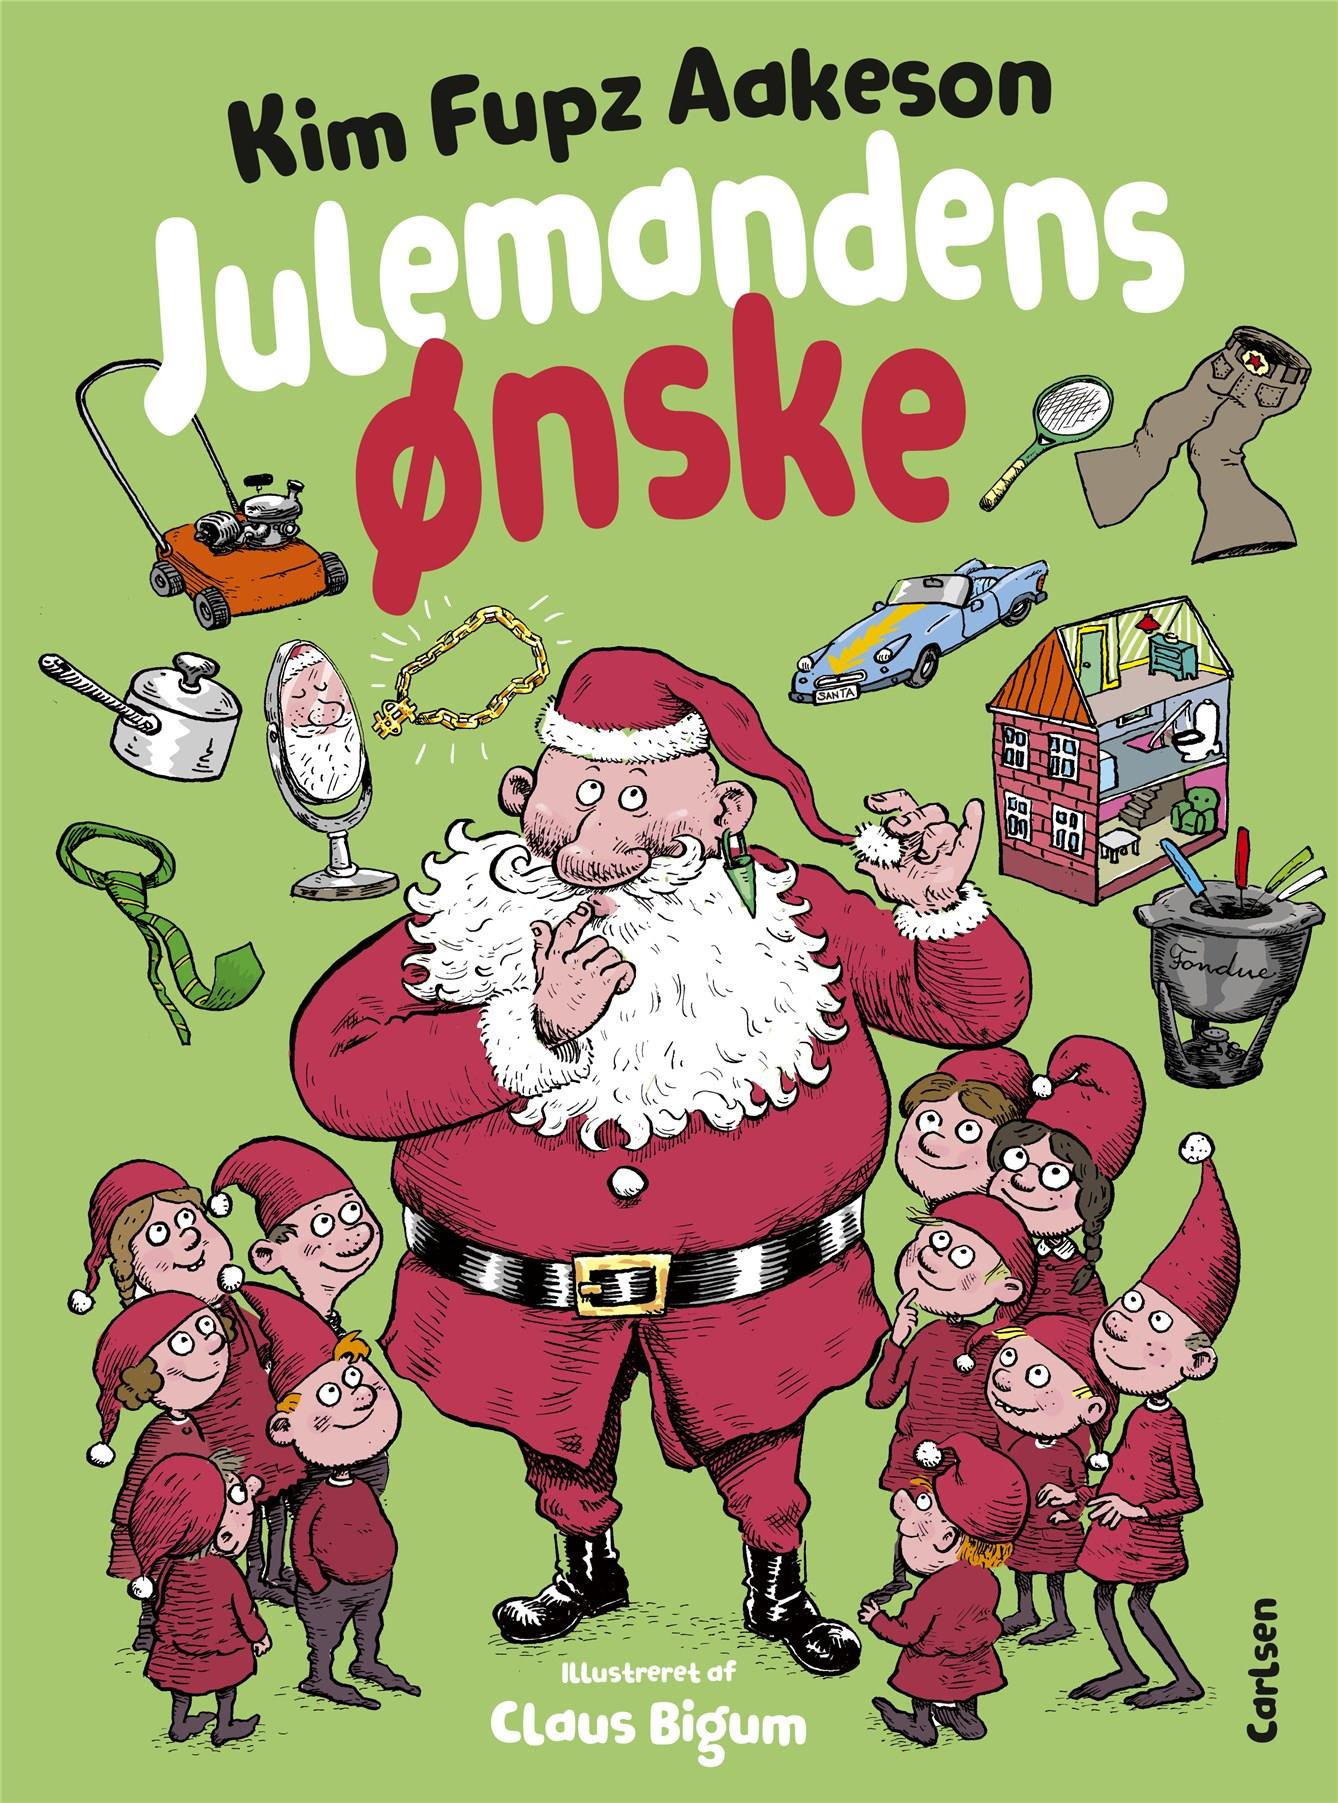 Julemandens ønske - Kim Fupz Aakeson - Bøger - CARLSEN - 9788711988893 - 15/10-2020